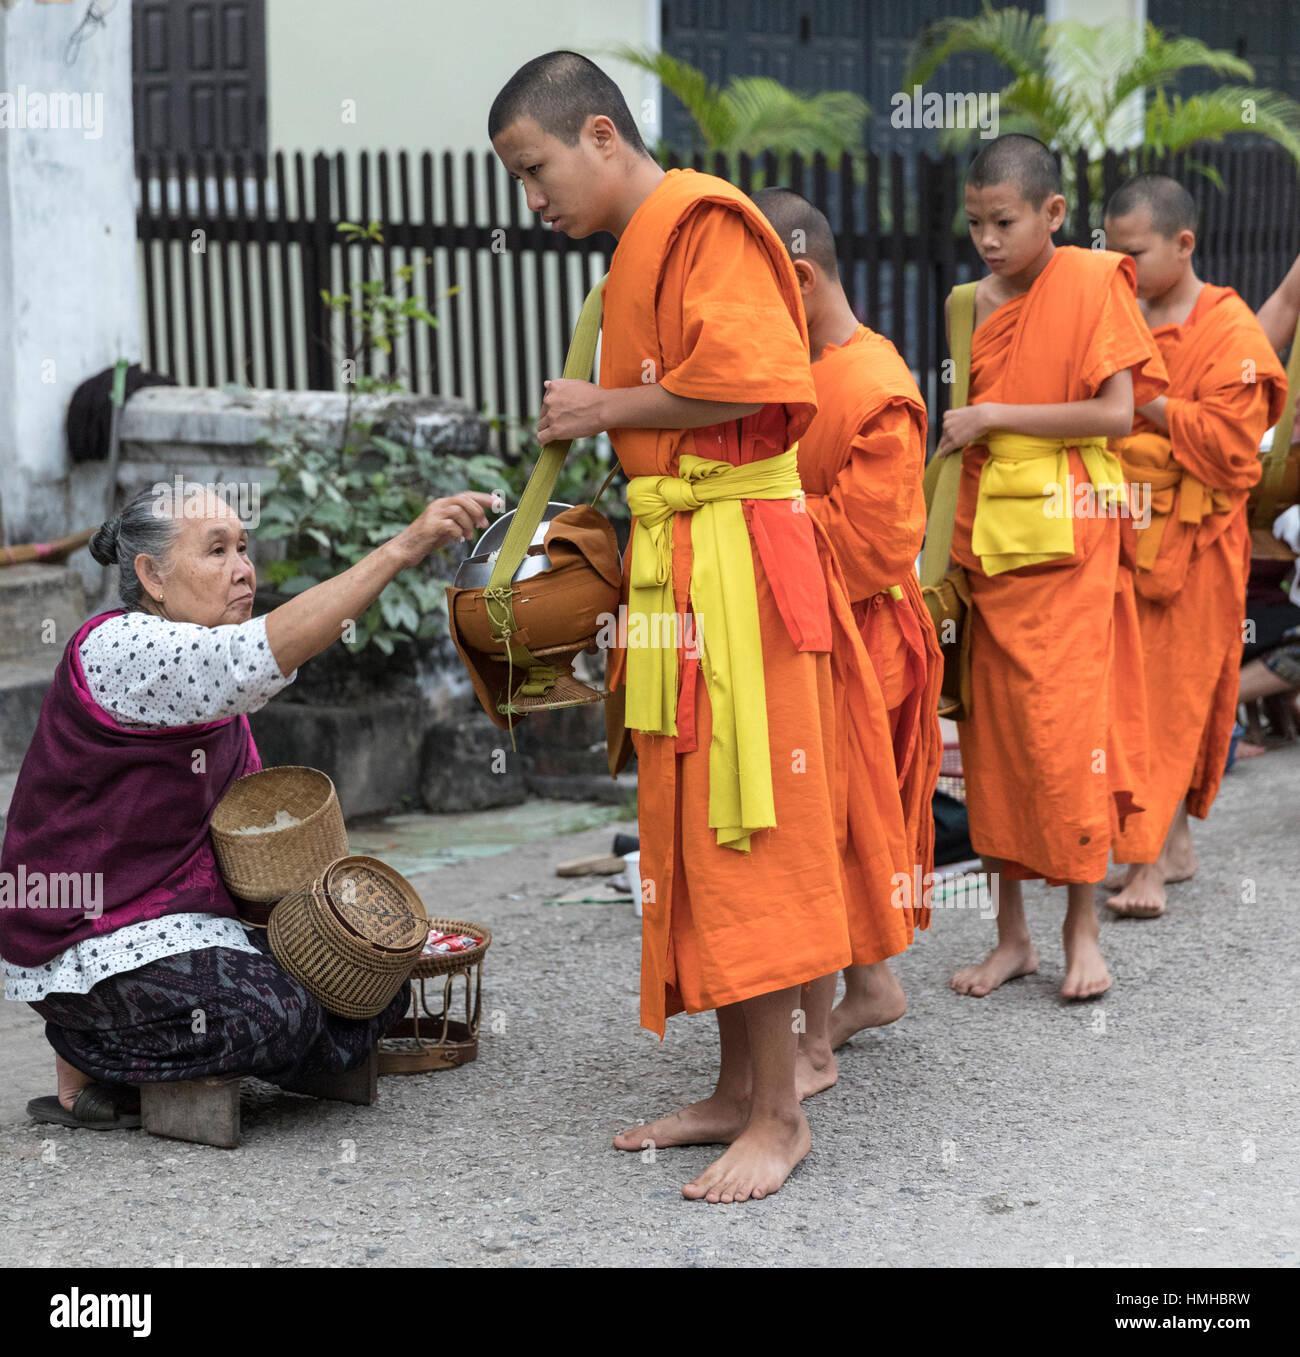 Les moines et les donateurs, tôt le matin, Procession d'aumône, Luang Prabang, Laos Photo Stock